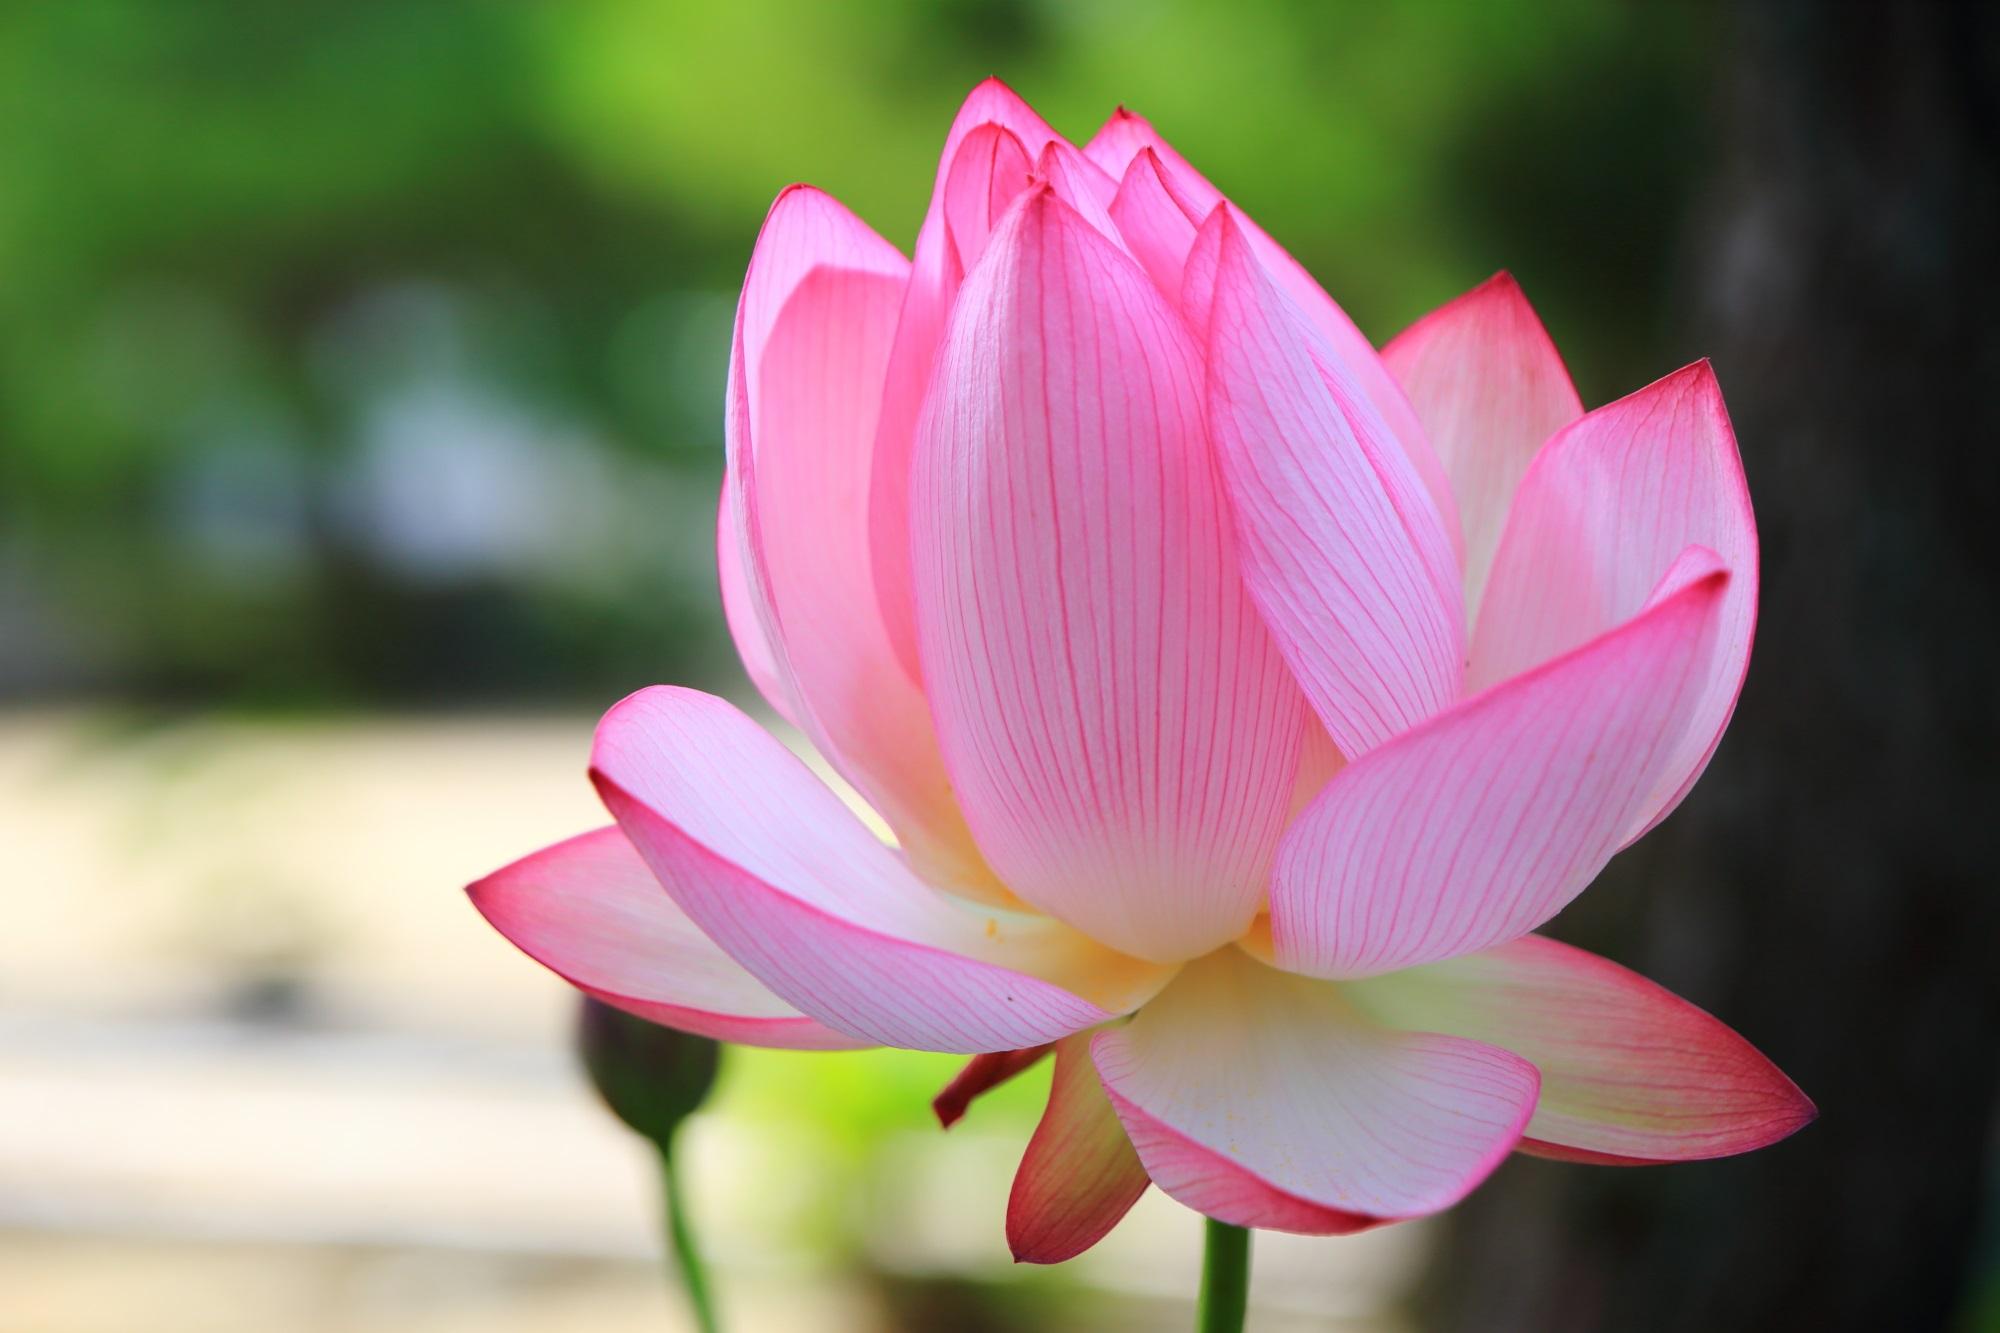 萬福寺の可愛いピンク色をした上品な蓮の花